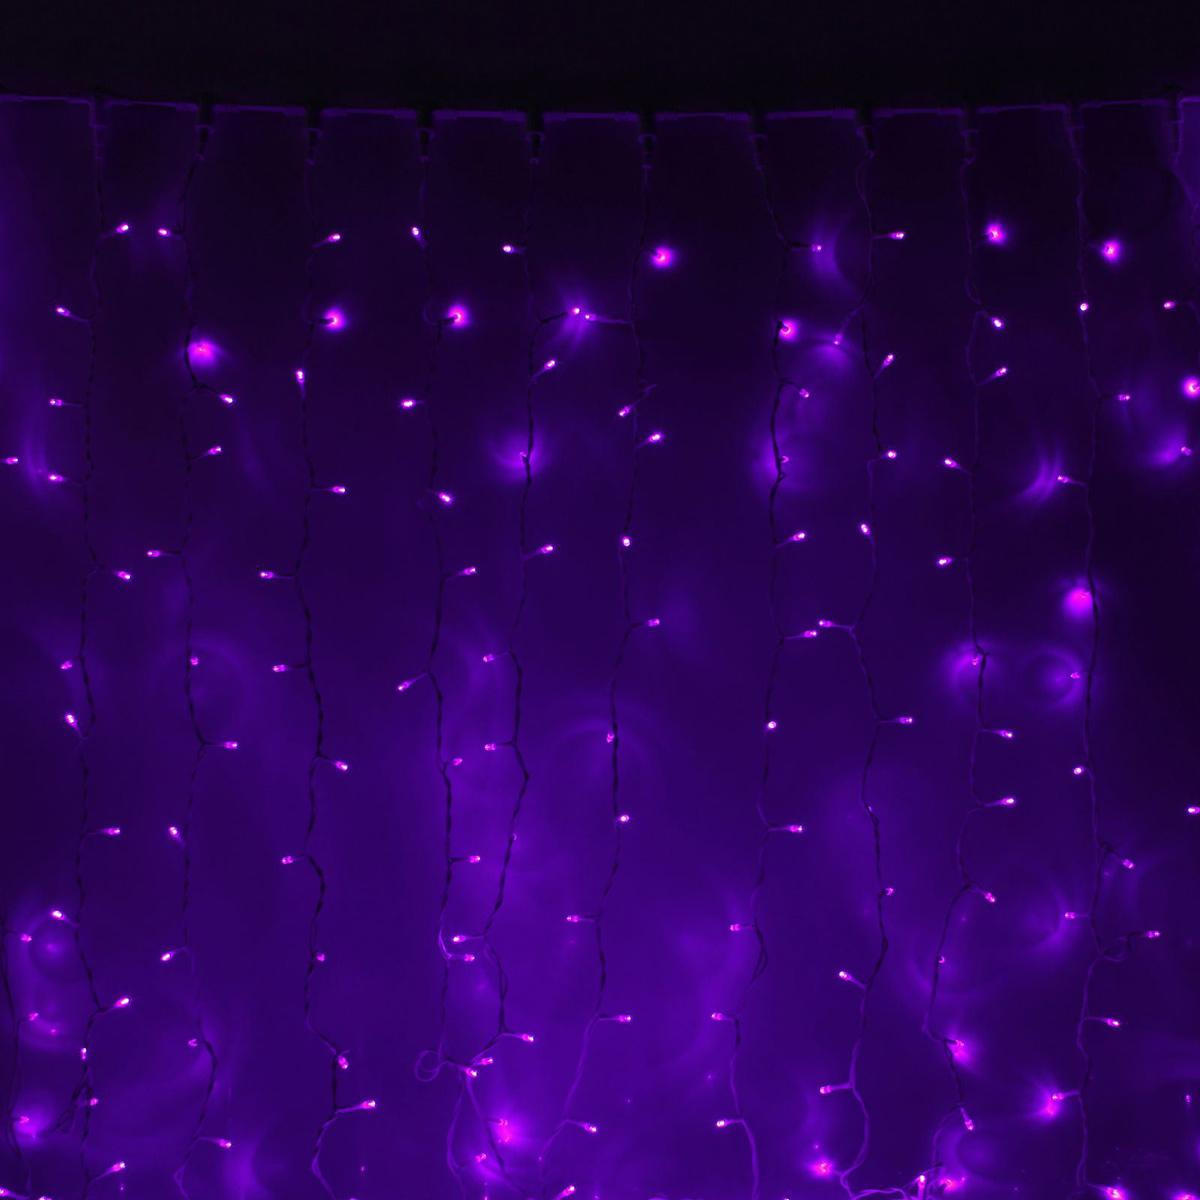 Гирлянда светодиодная Luazon Занавес, цвет: фиолетовый, уличная, 1440 ламп, 280-220 V, 2 х 6 м. 10802771080277Гирлянда светодиодная Luazon Занавес - это отличный вариант для новогоднего оформления интерьера или фасада. С ее помощью помещение любого размера можно превратить в праздничный зал, а внешние элементы зданий, украшенные гирляндой, мгновенно станут напоминать очертания сказочного дворца. Такое украшение создаст ауру предвкушения чуда. Деревья, фасады, витрины, окна и арки будто специально созданы, чтобы вы украсили их светящимися нитями.